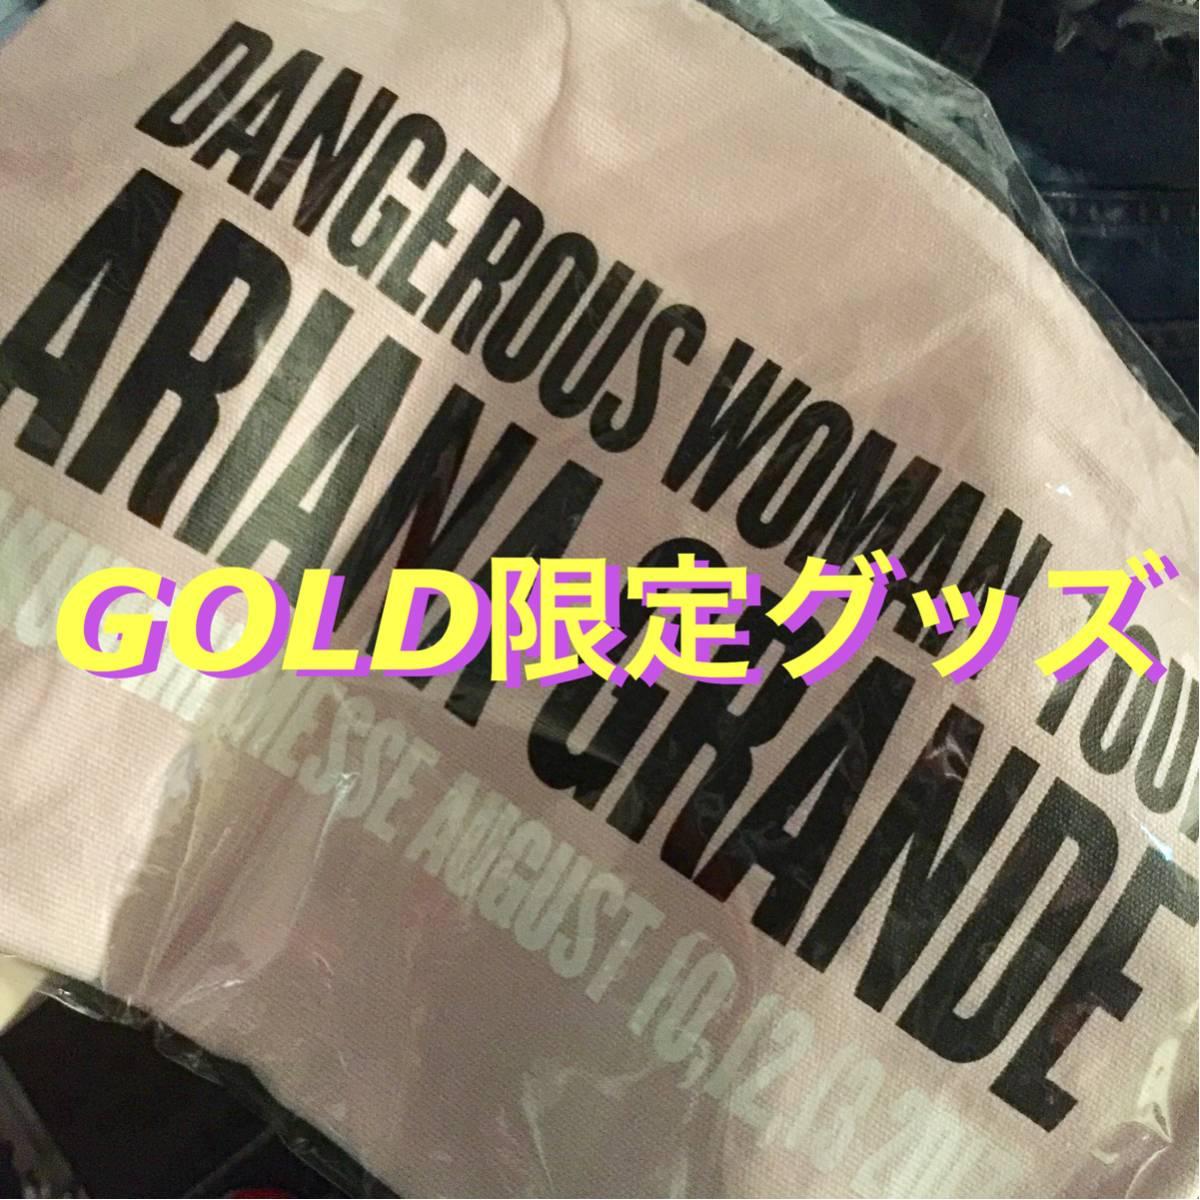 【レア】未使用 アリアナグランデ Ariana grande Gold ゴールド限定グッズ クラッチバック ライブグッズの画像